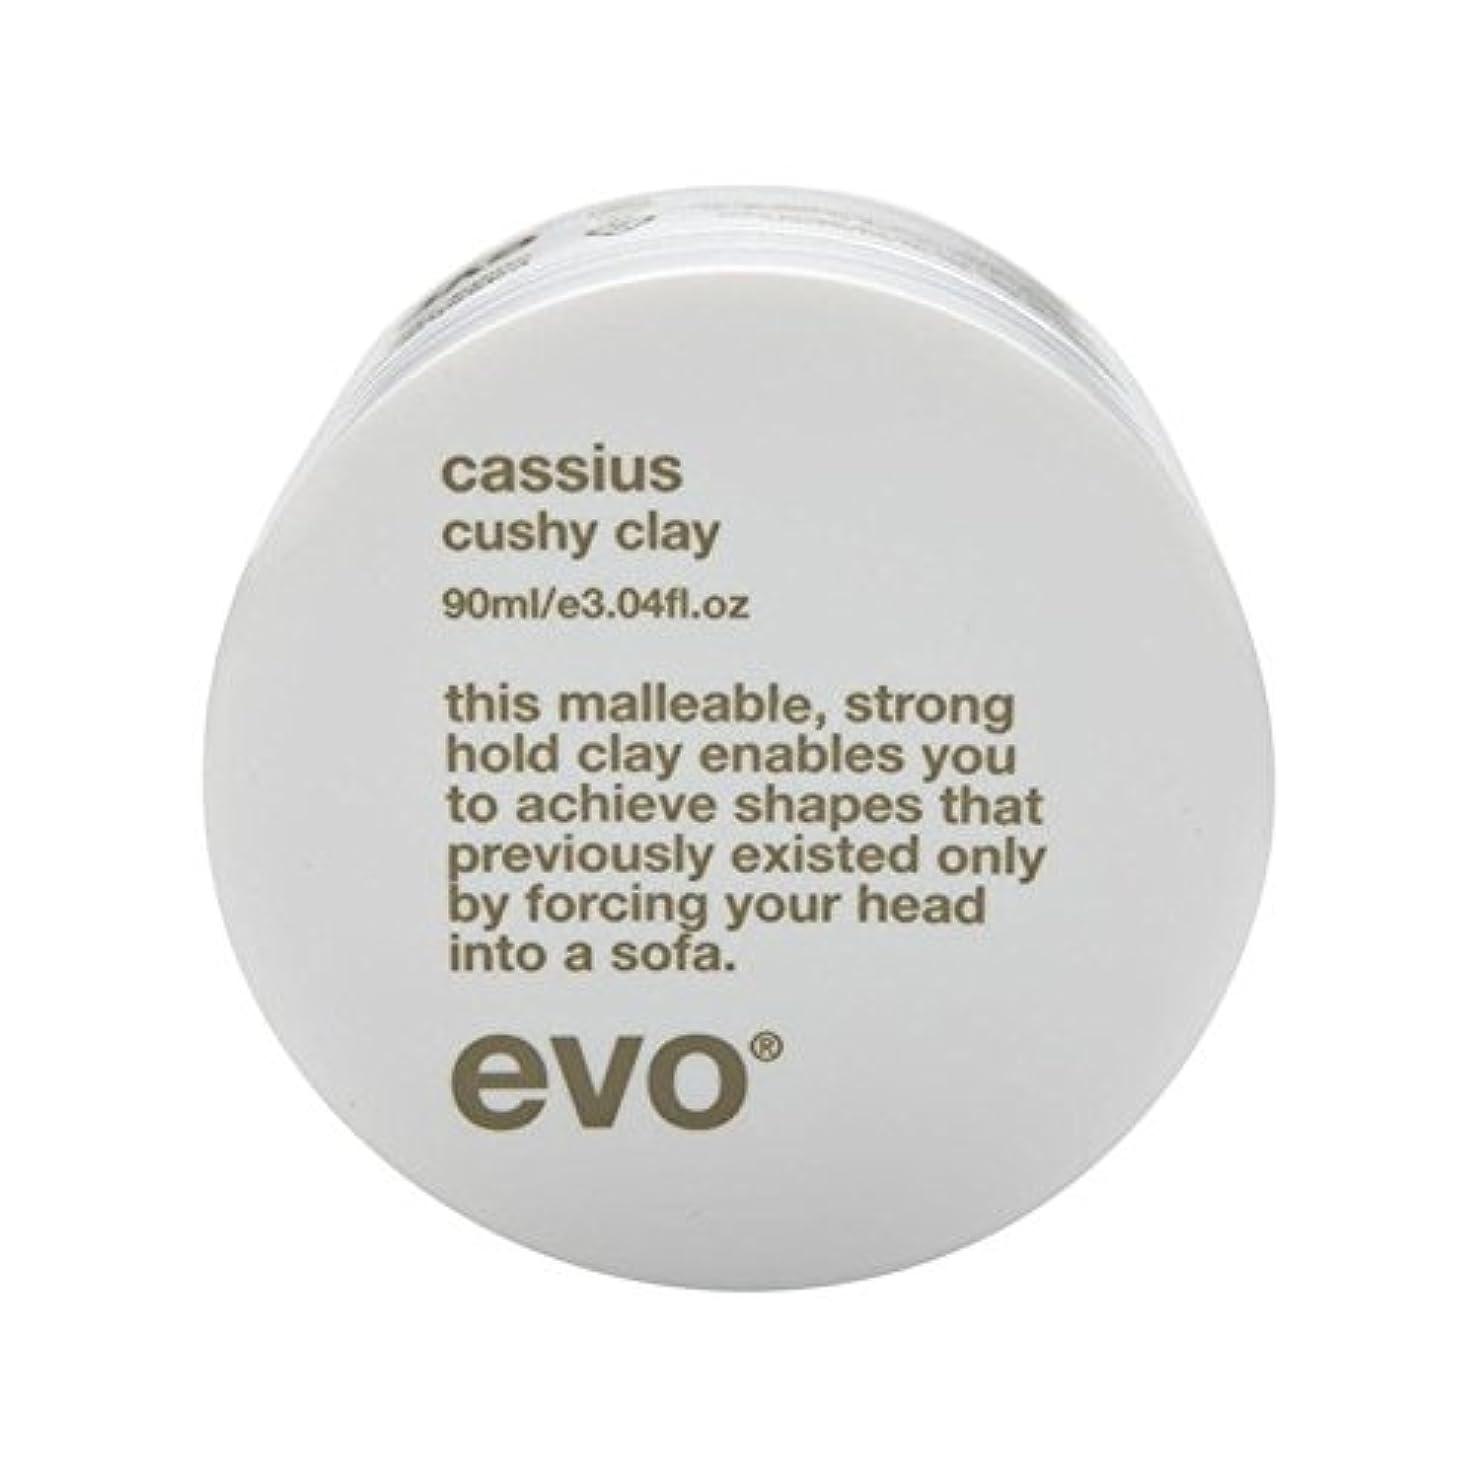 共感する付けるディスコエボカシウス楽な粘土90グラム x2 - Evo Cassius Cushy Clay 90G (Pack of 2) [並行輸入品]